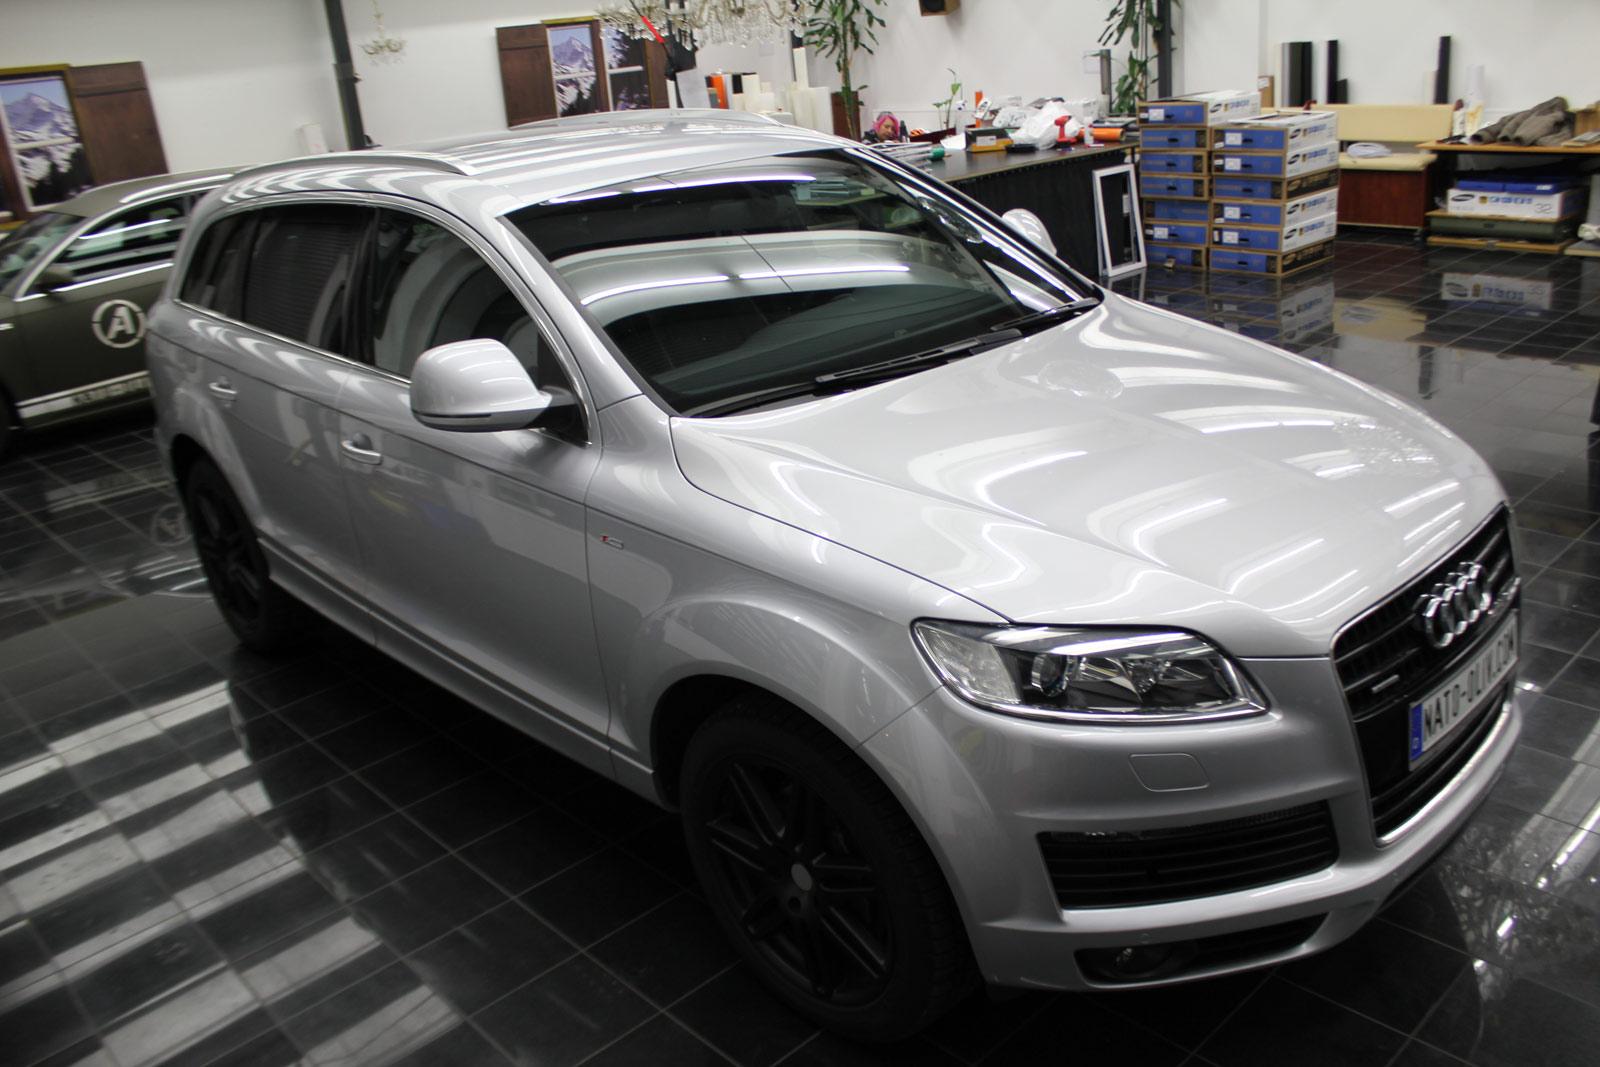 Audi_Q7_Folierung_Schwarz_Matt_27